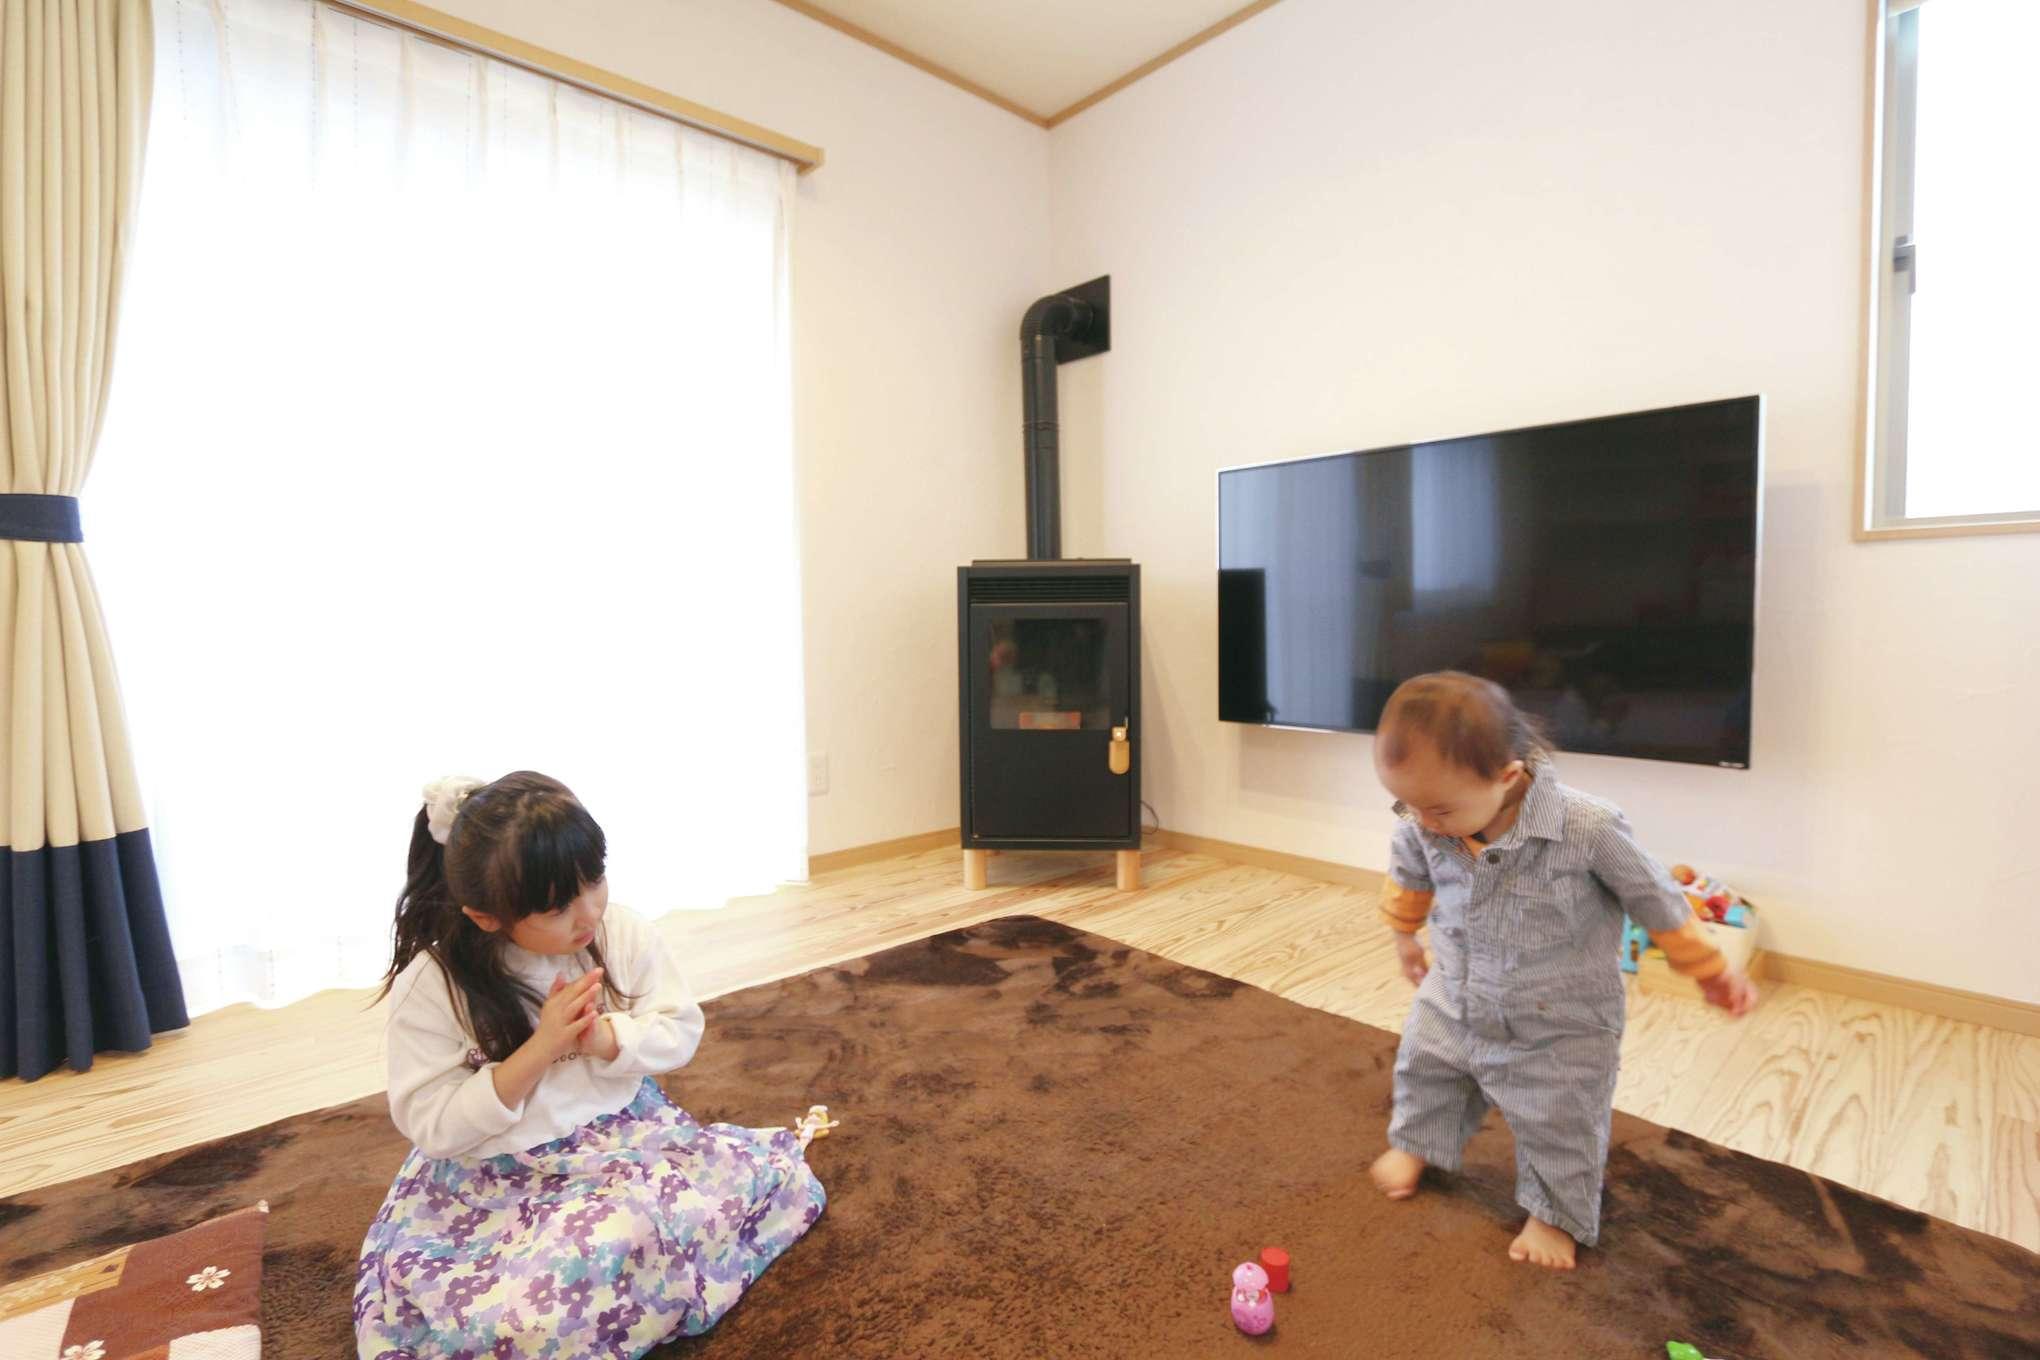 じゆうの家(藤田建設)【1000万円台、子育て、自然素材】煙がほとんど出ないというメリットがあるペレットストーブを導入。木質ペレットを燃料とし、熱をファンで拡散する